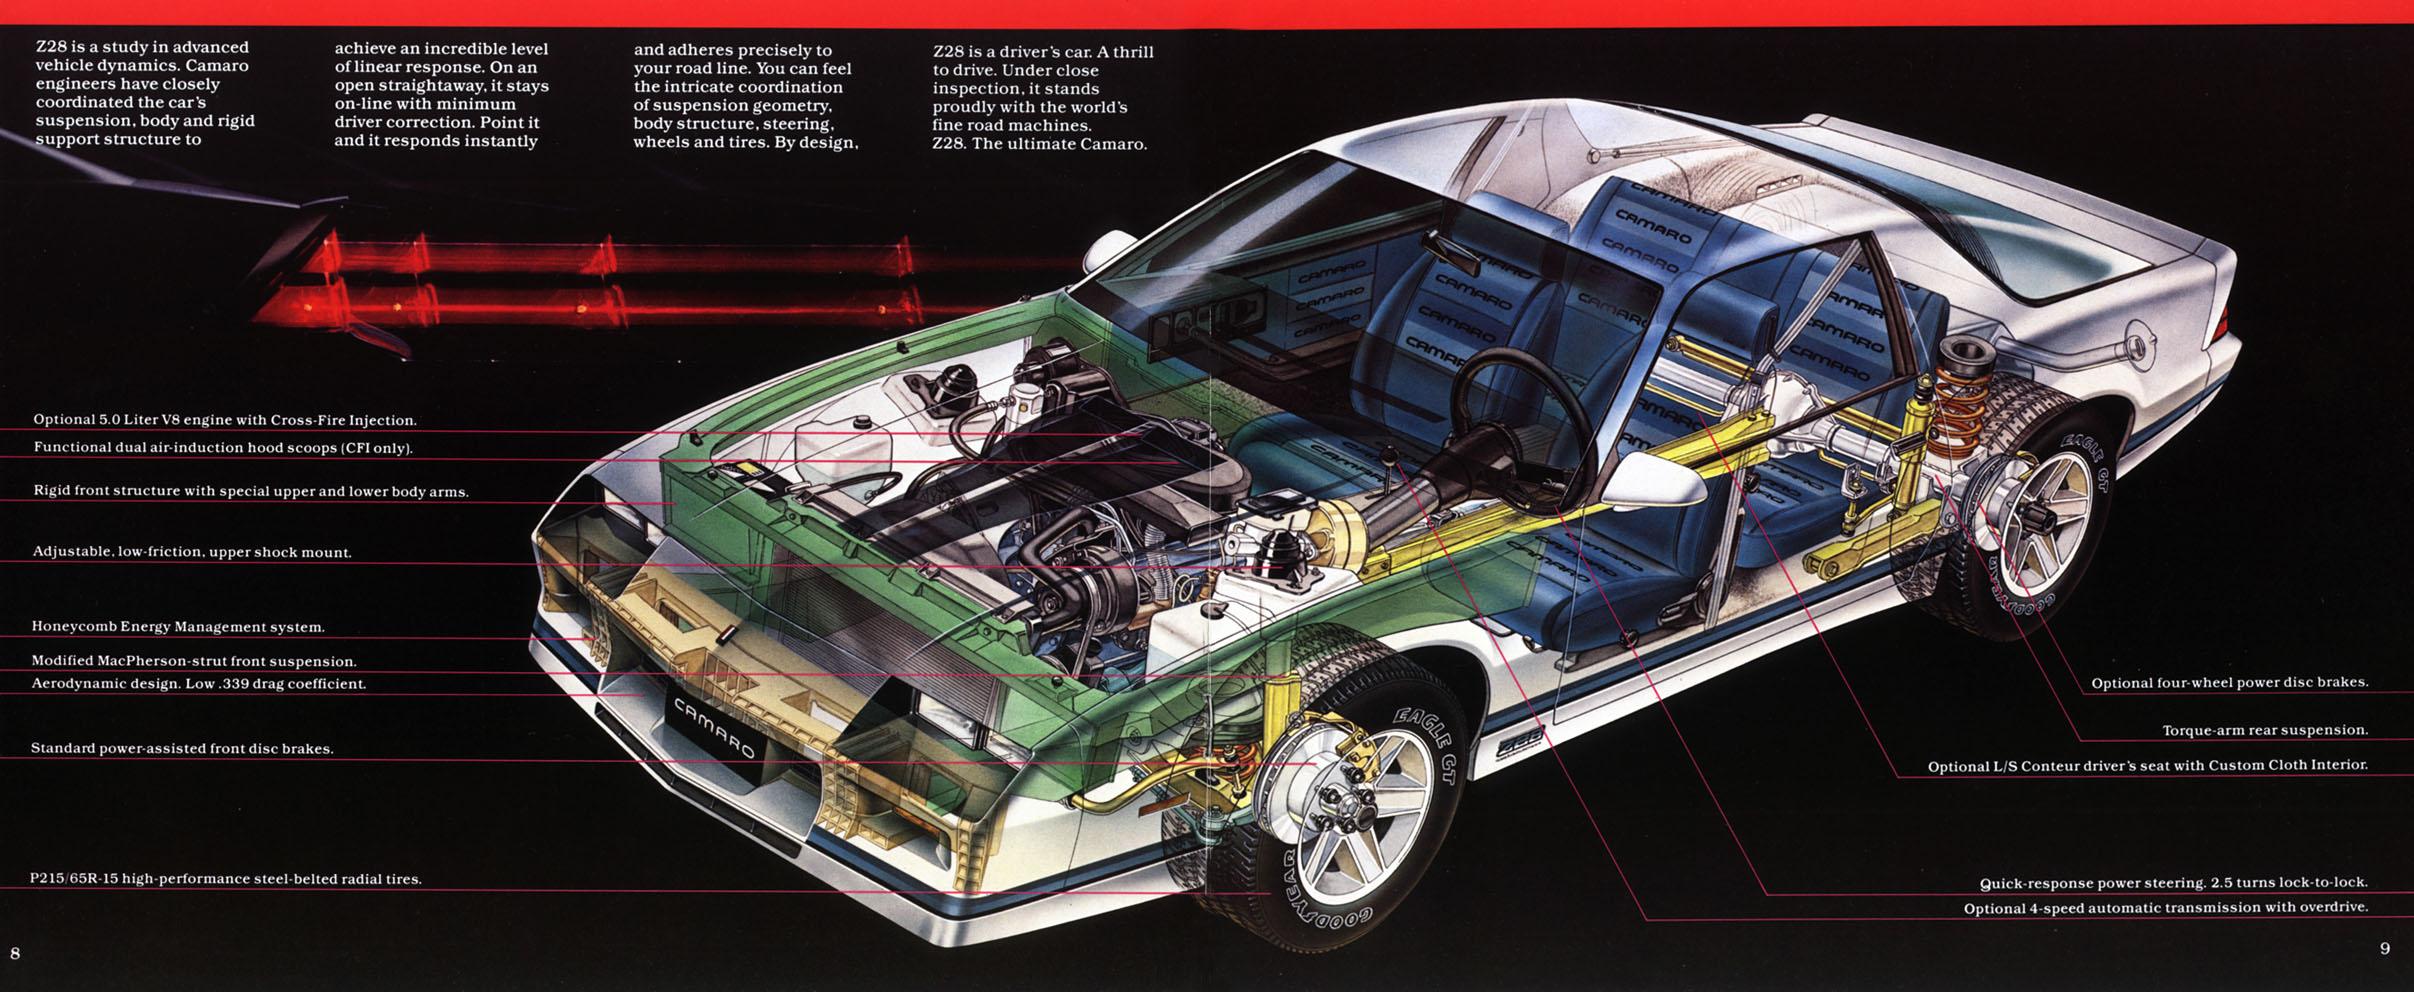 1983 Camaro OEM Brochure (5)